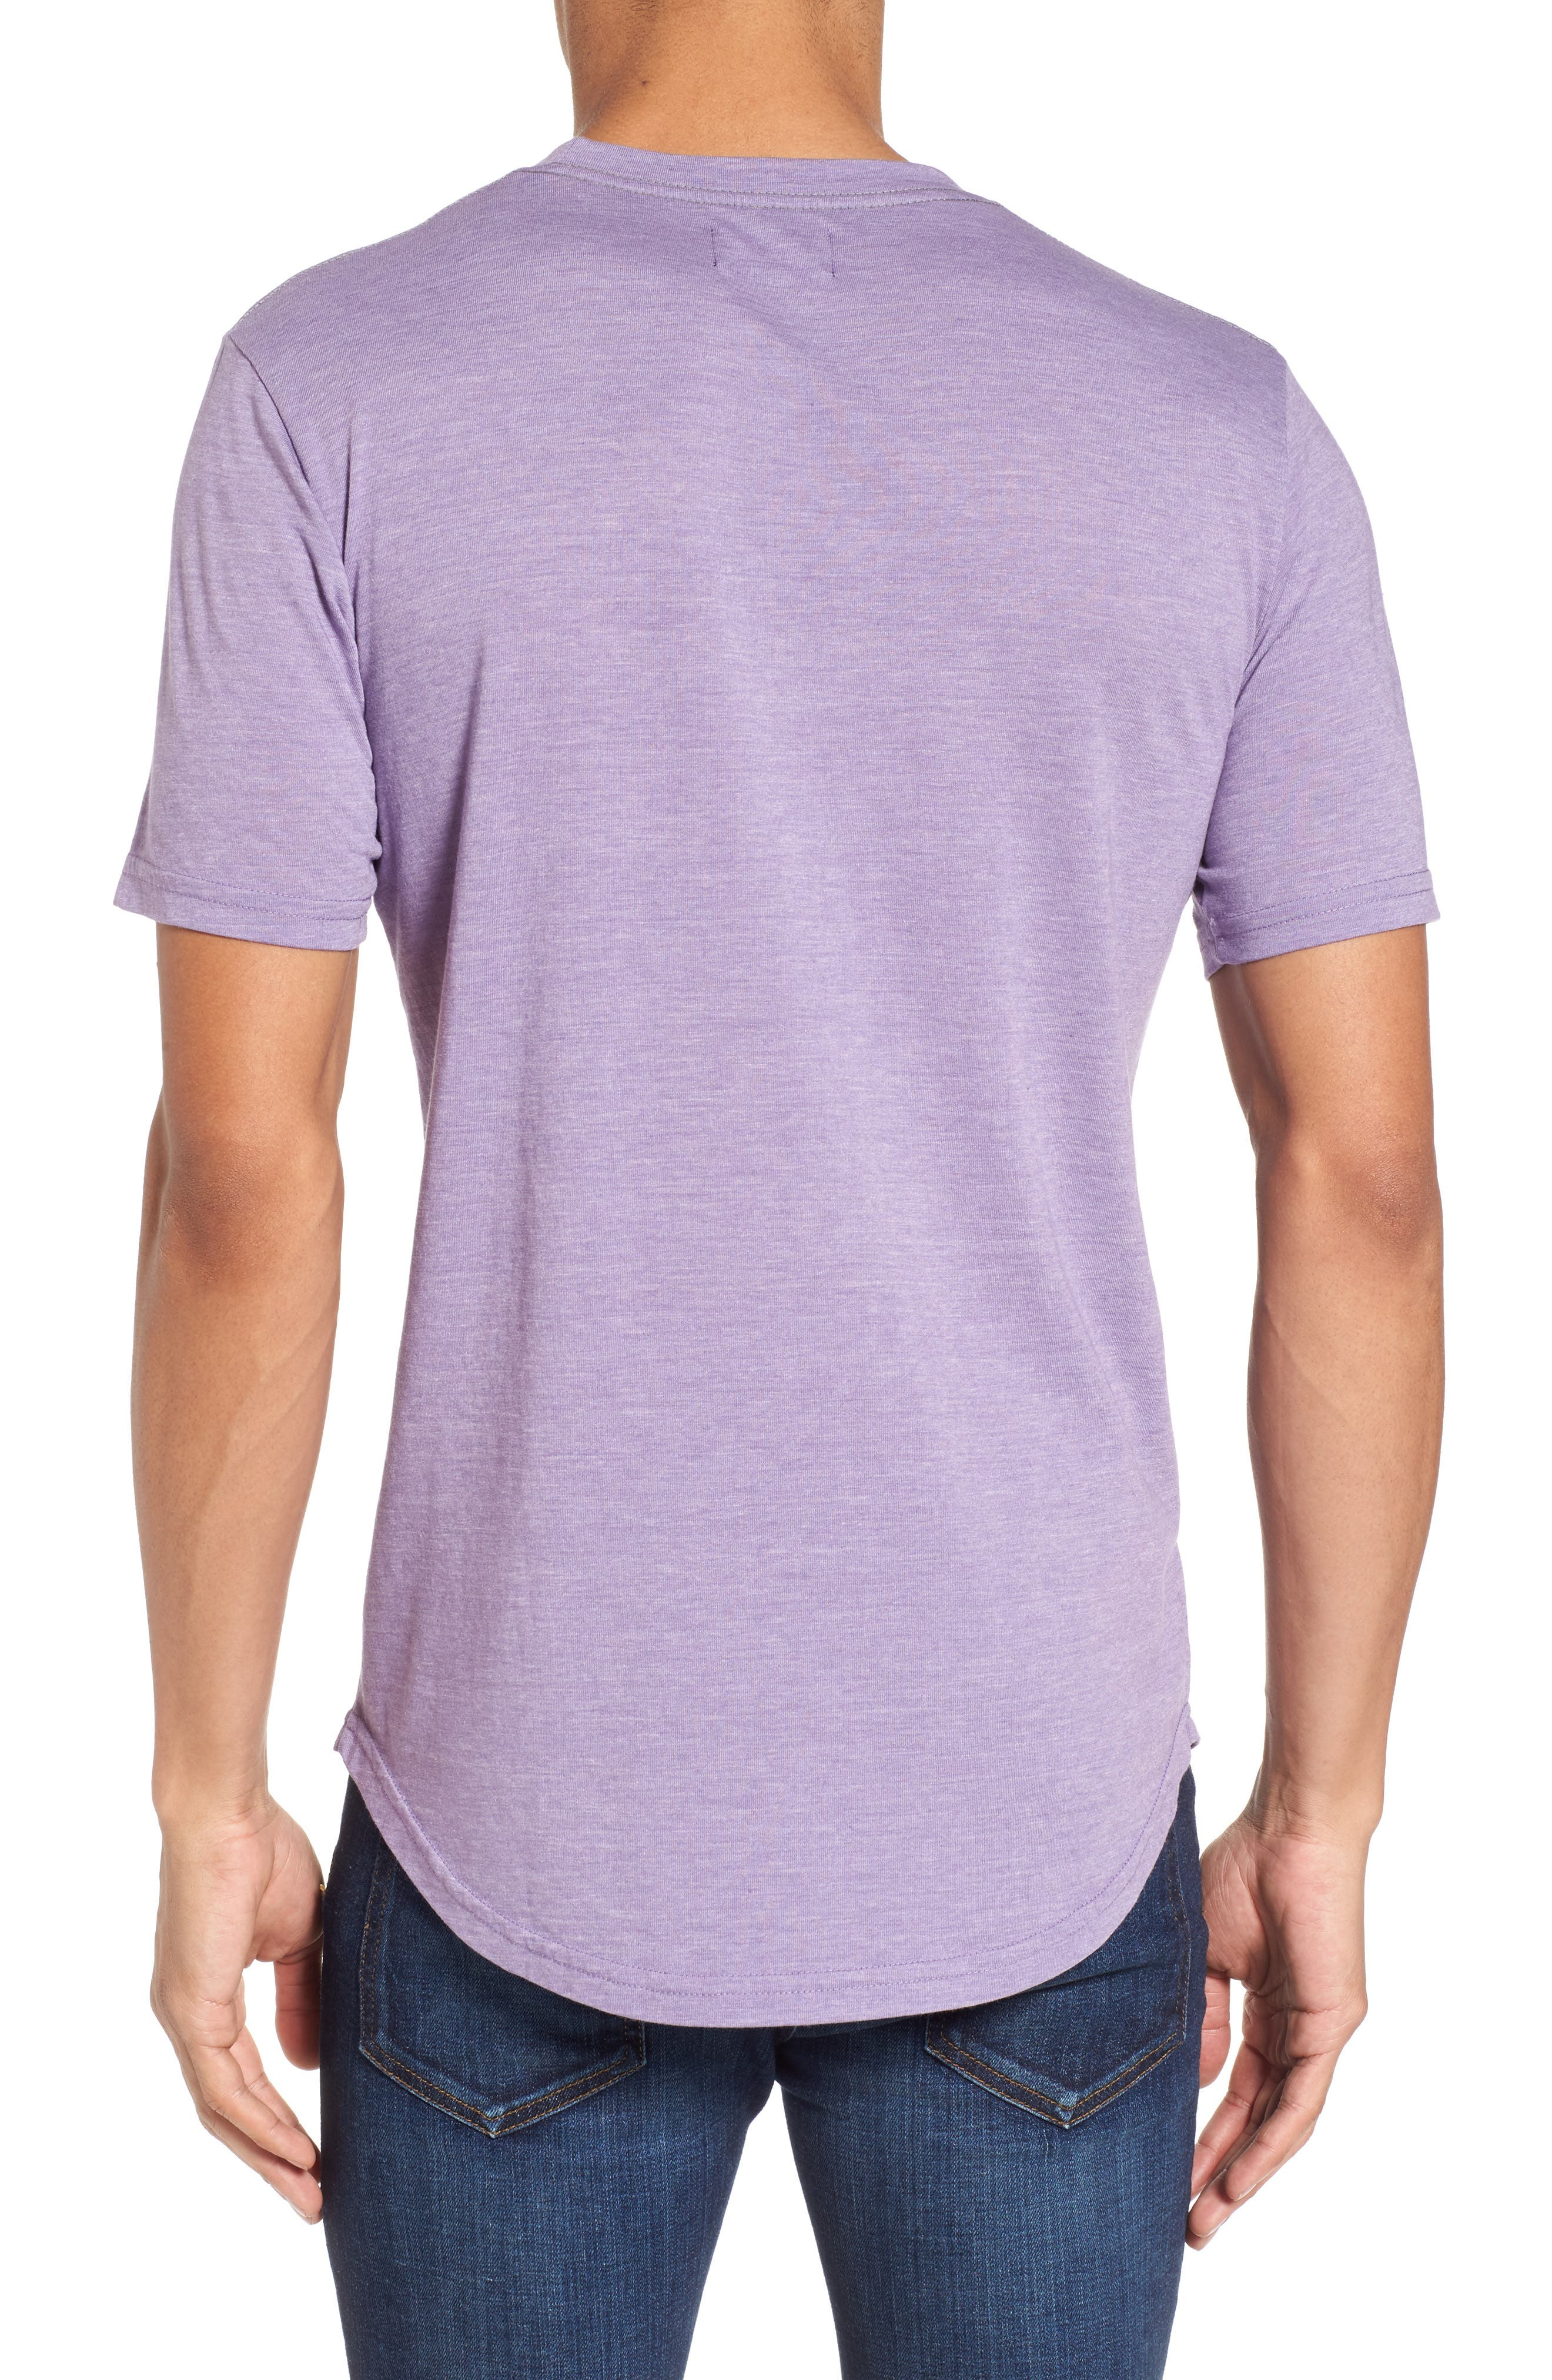 Scallop Triblend Crewneck T-Shirt,                             Alternate thumbnail 2, color,                             Purple Haze